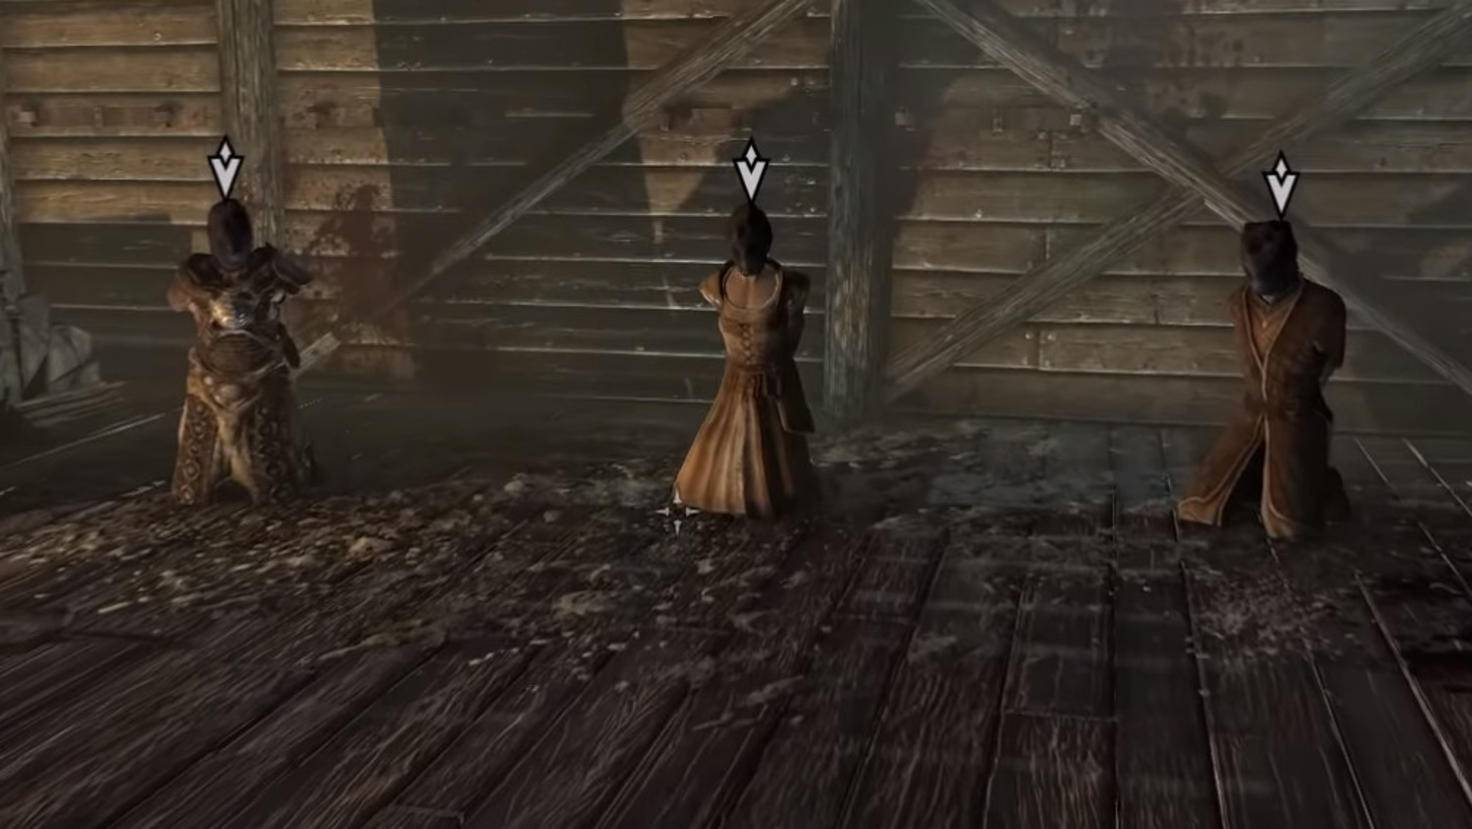 Astrid gibt Dir den Auftrag, einen von drei Gefangenen zu ermorden.